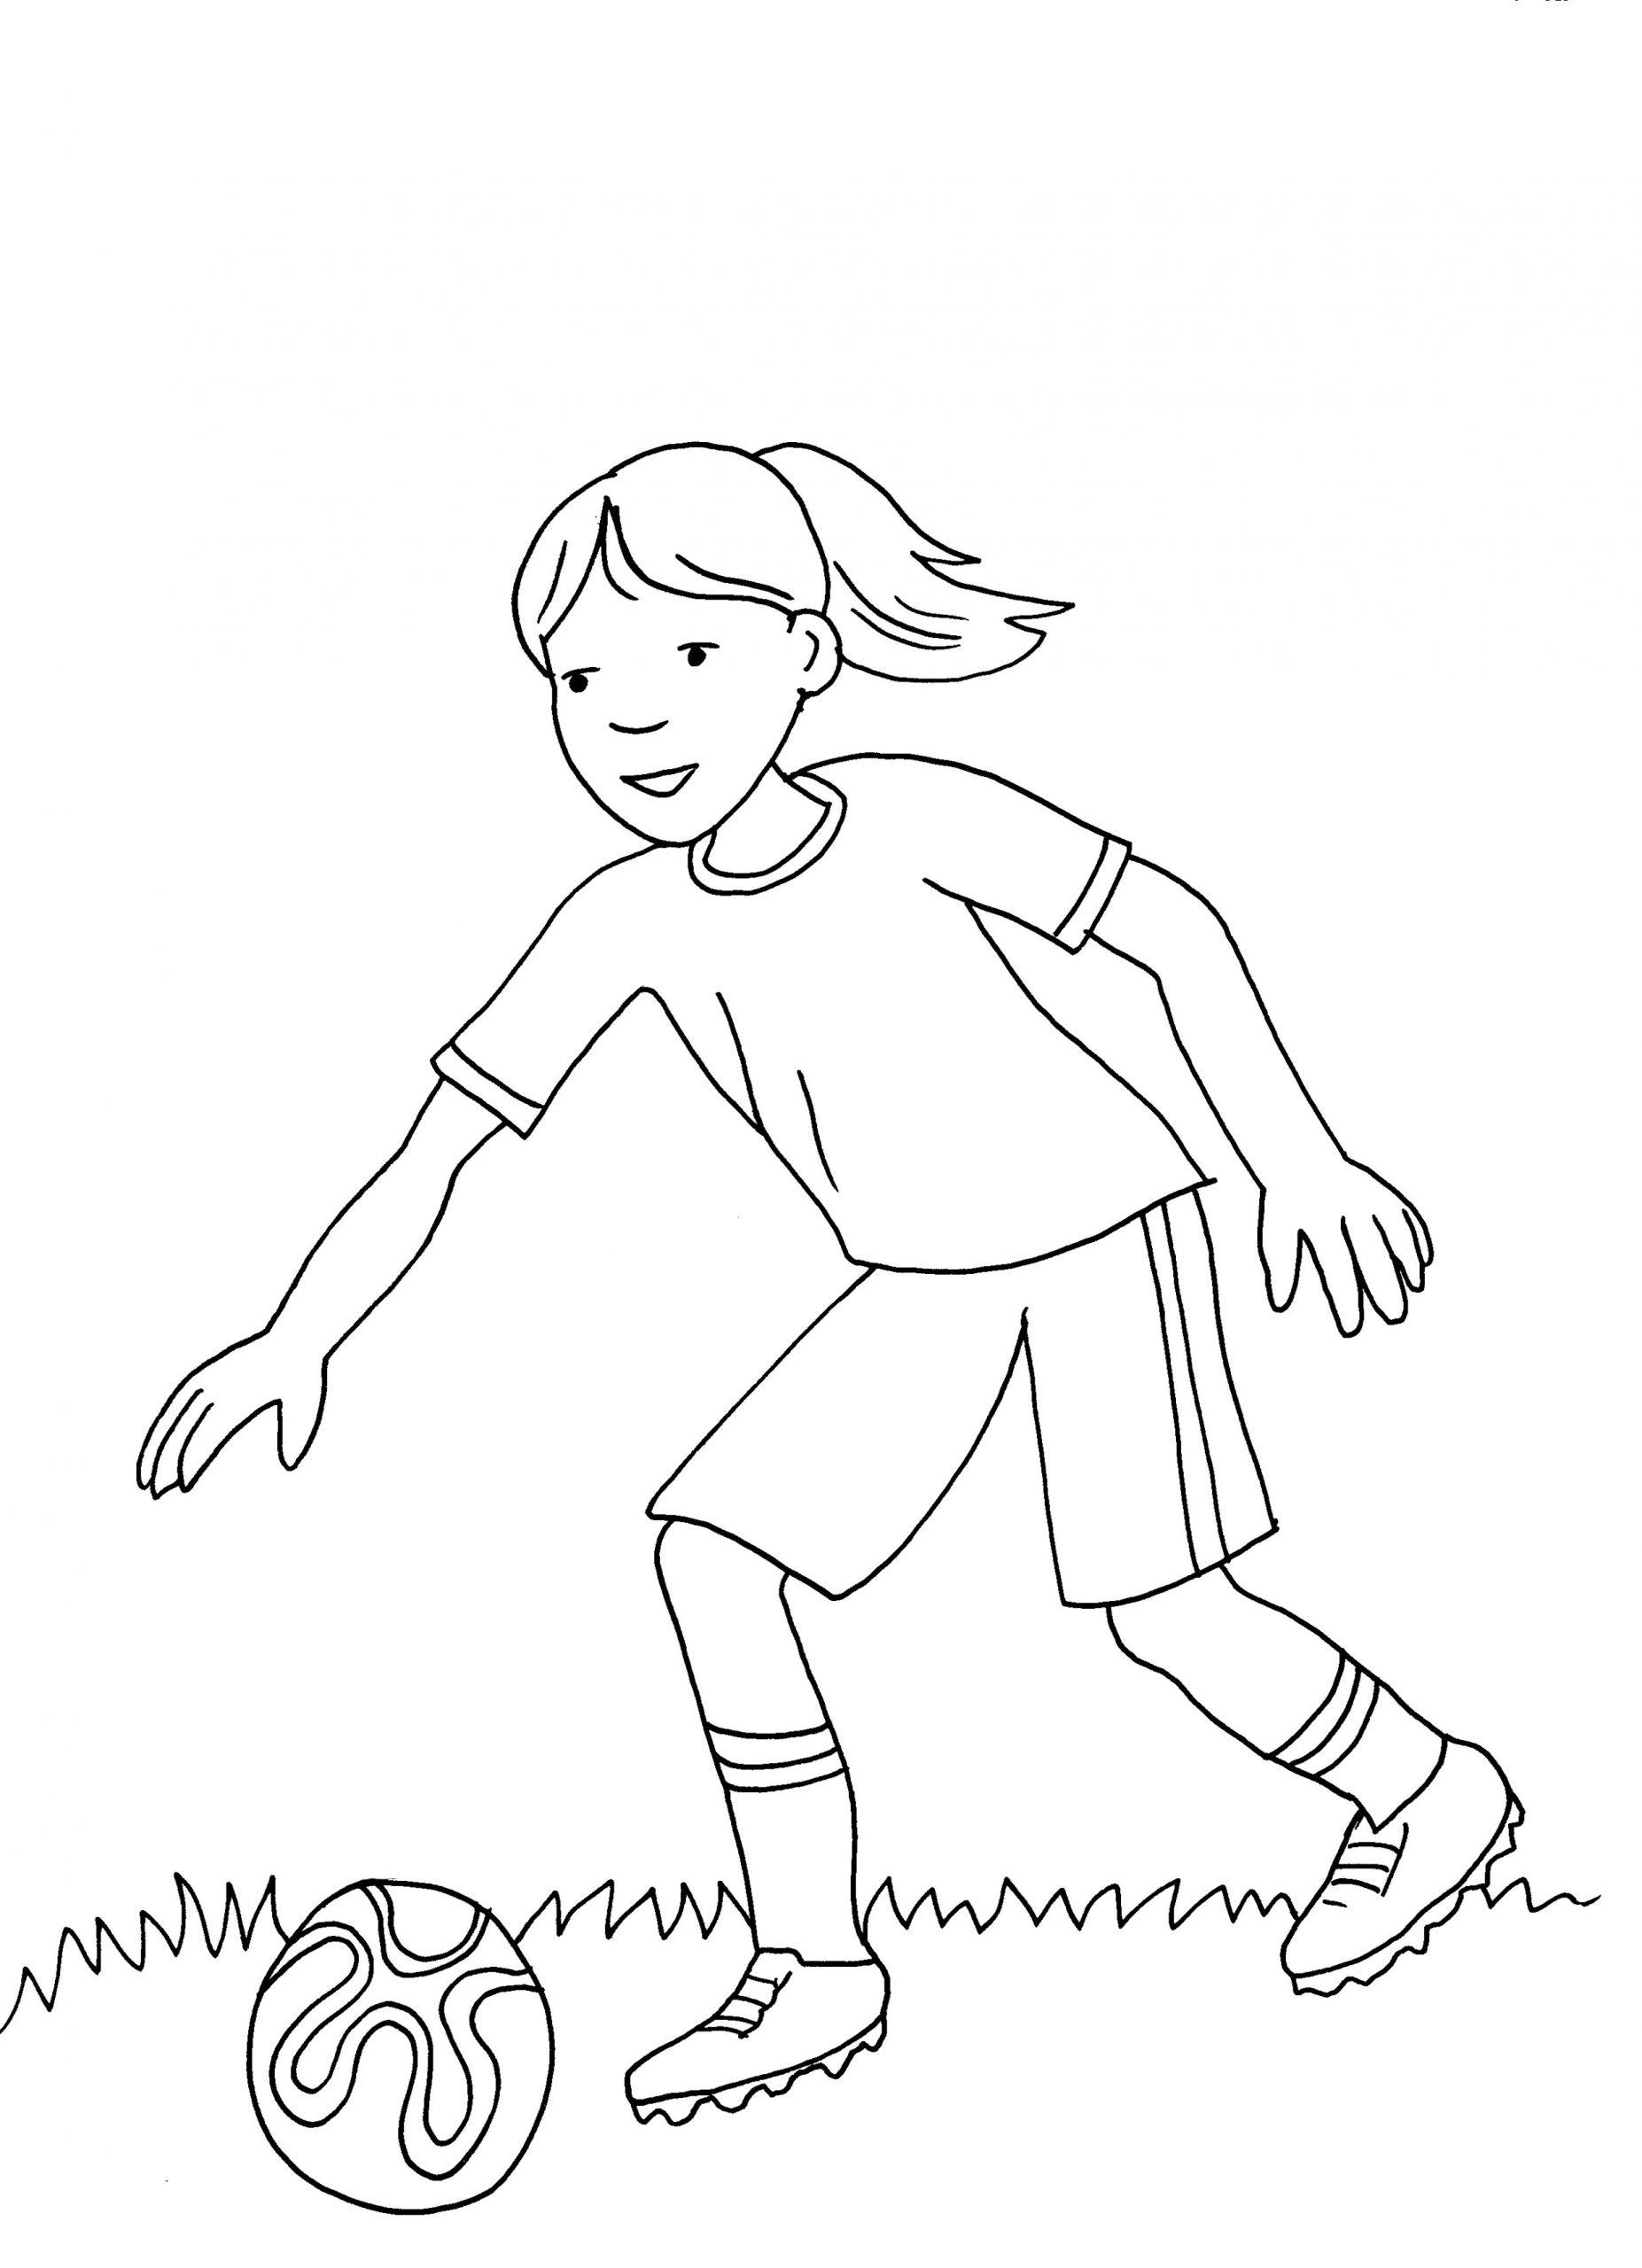 Ausmalbild Sport: Mädchen Spielt Fußball Kostenlos Ausdrucken innen Ausmalbild Mädchen